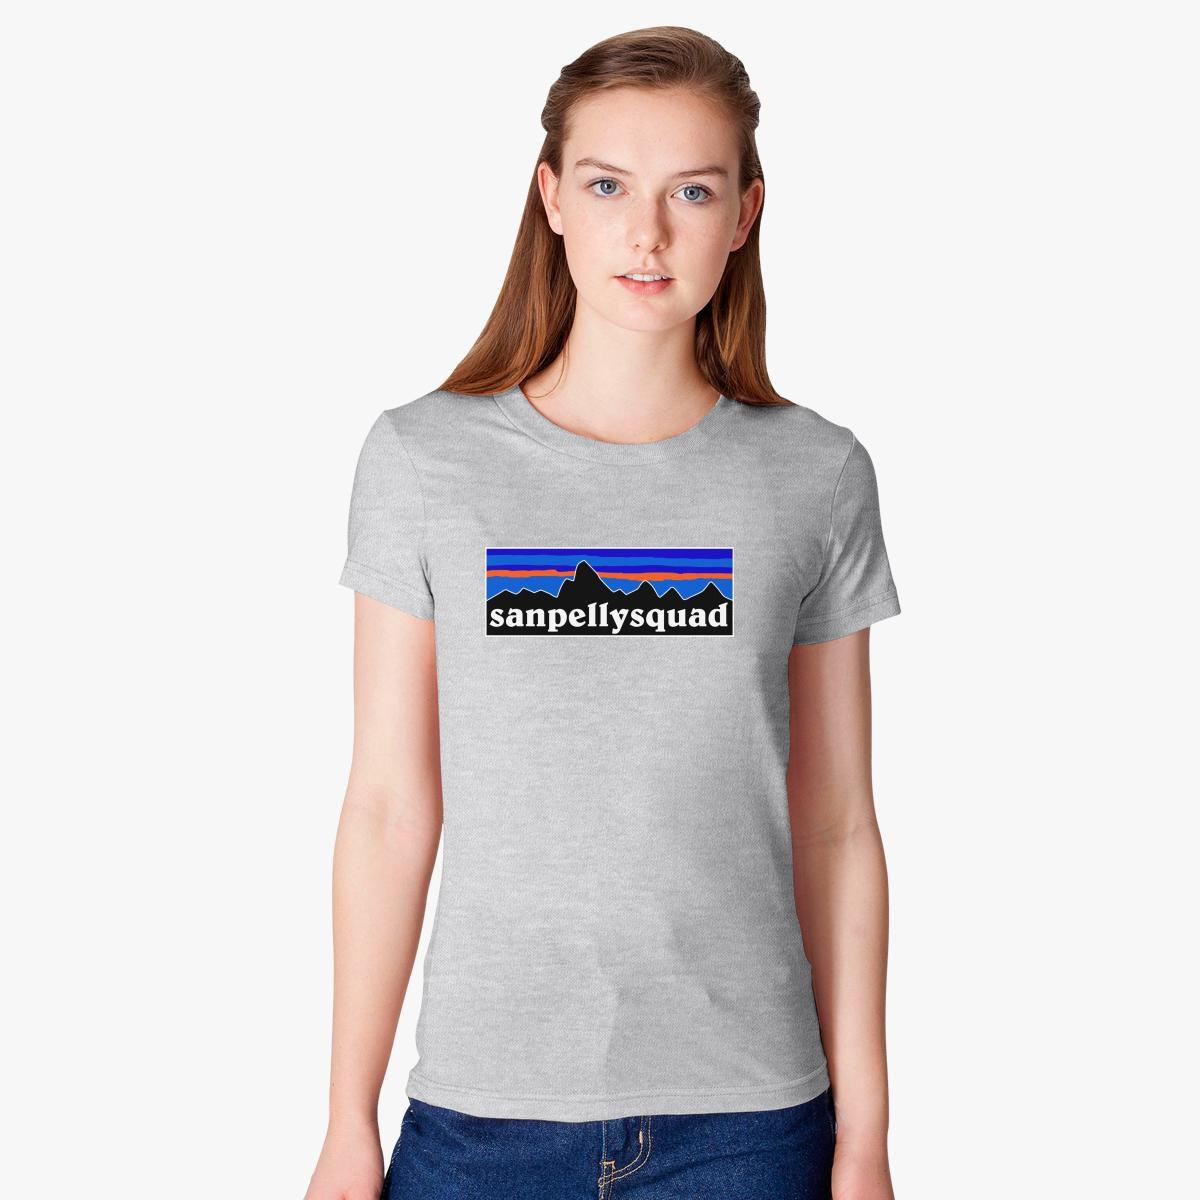 SANPELLYSQUAD FULL LOGO Women's T-shirt